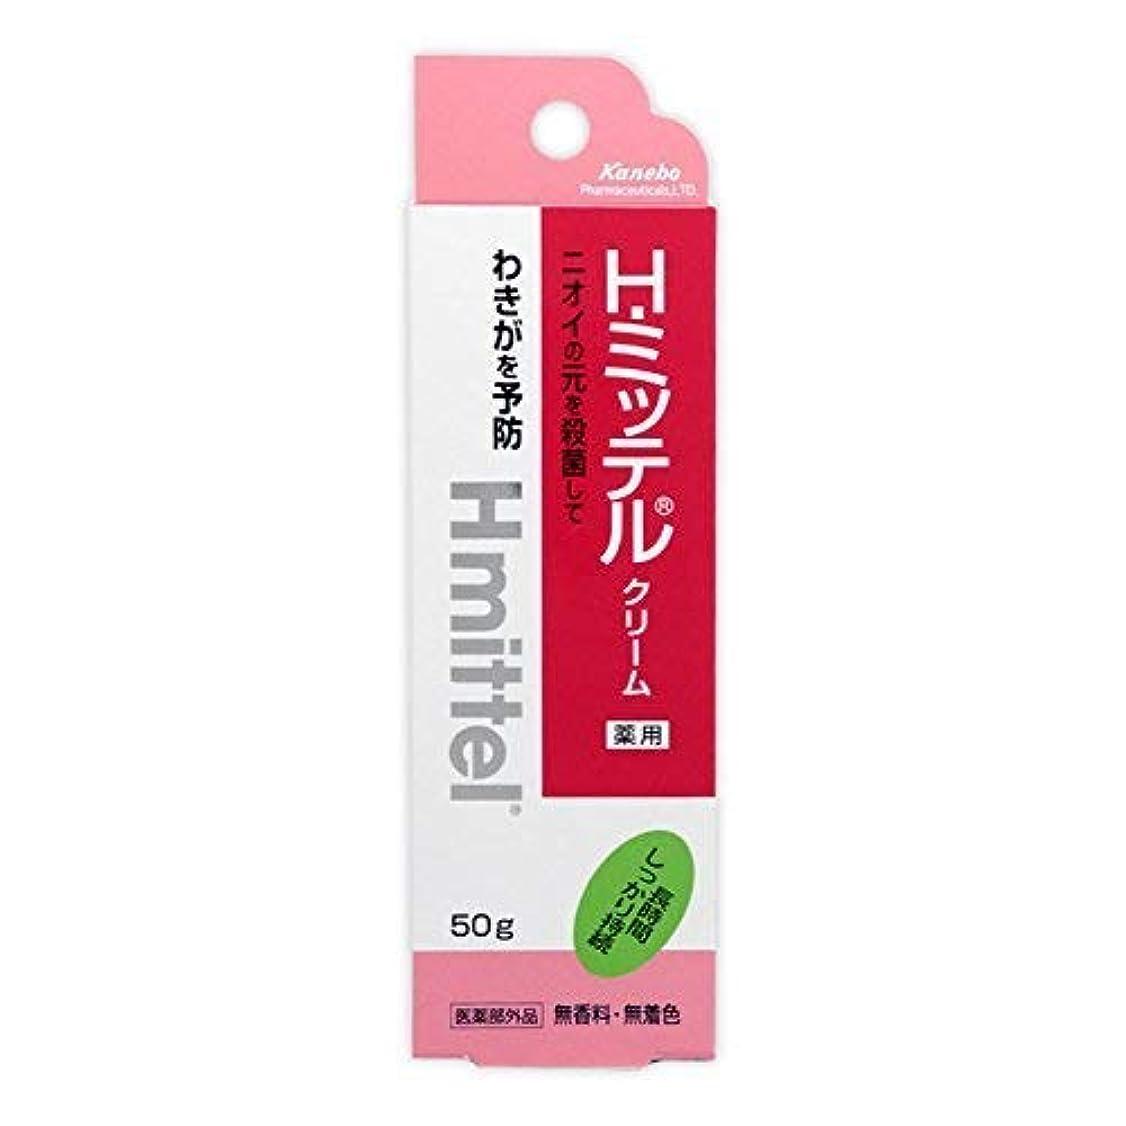 伝記ランデブージャンプ【クラシエ薬品】H?ミッテルクリーム 50g ×5個セット